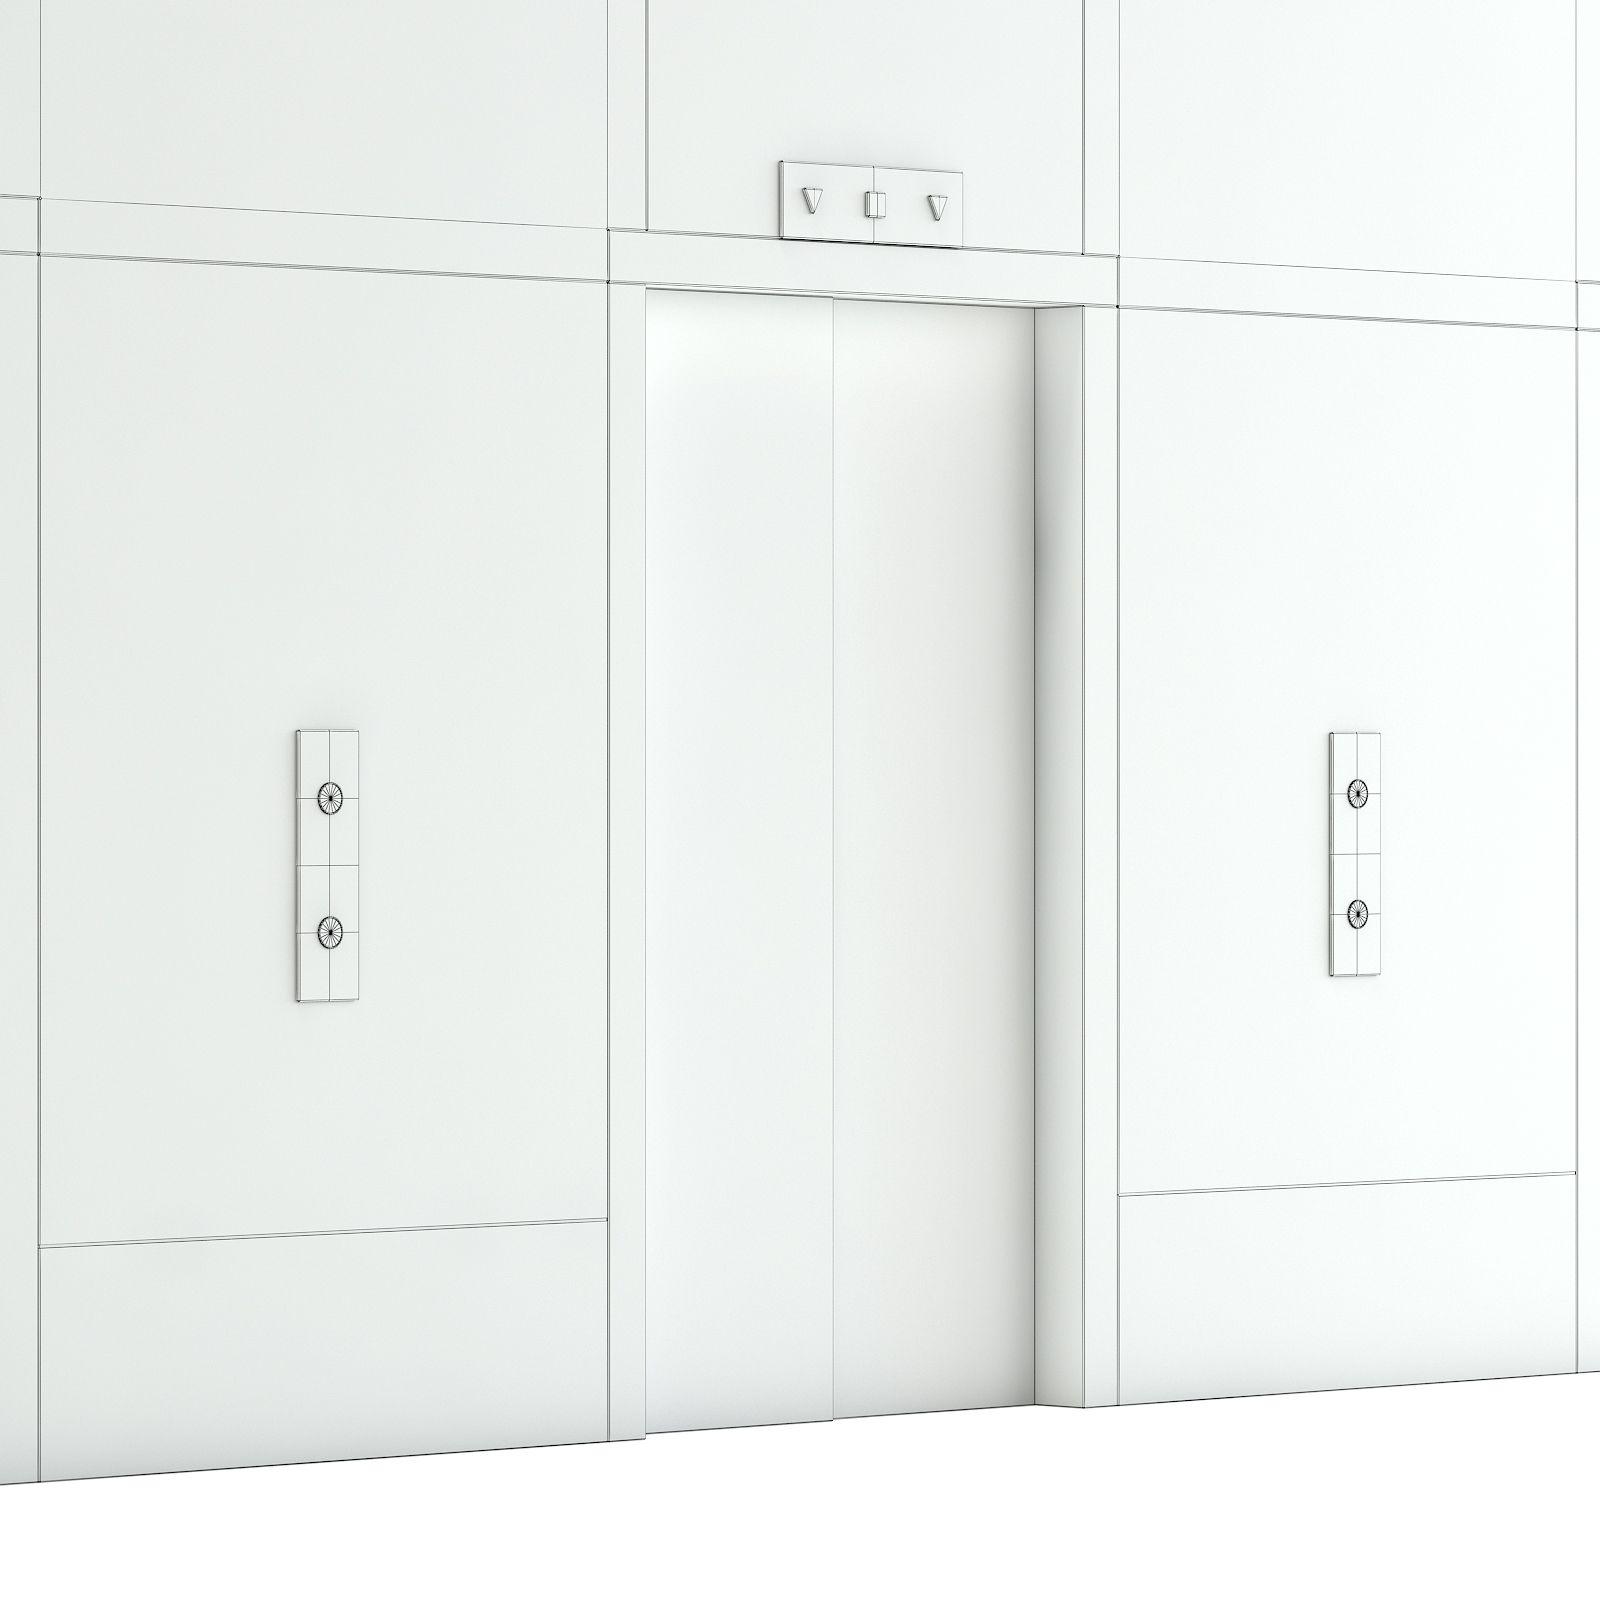 Elevator Doors 3D Model #Elevator, #Doors, #Model | my